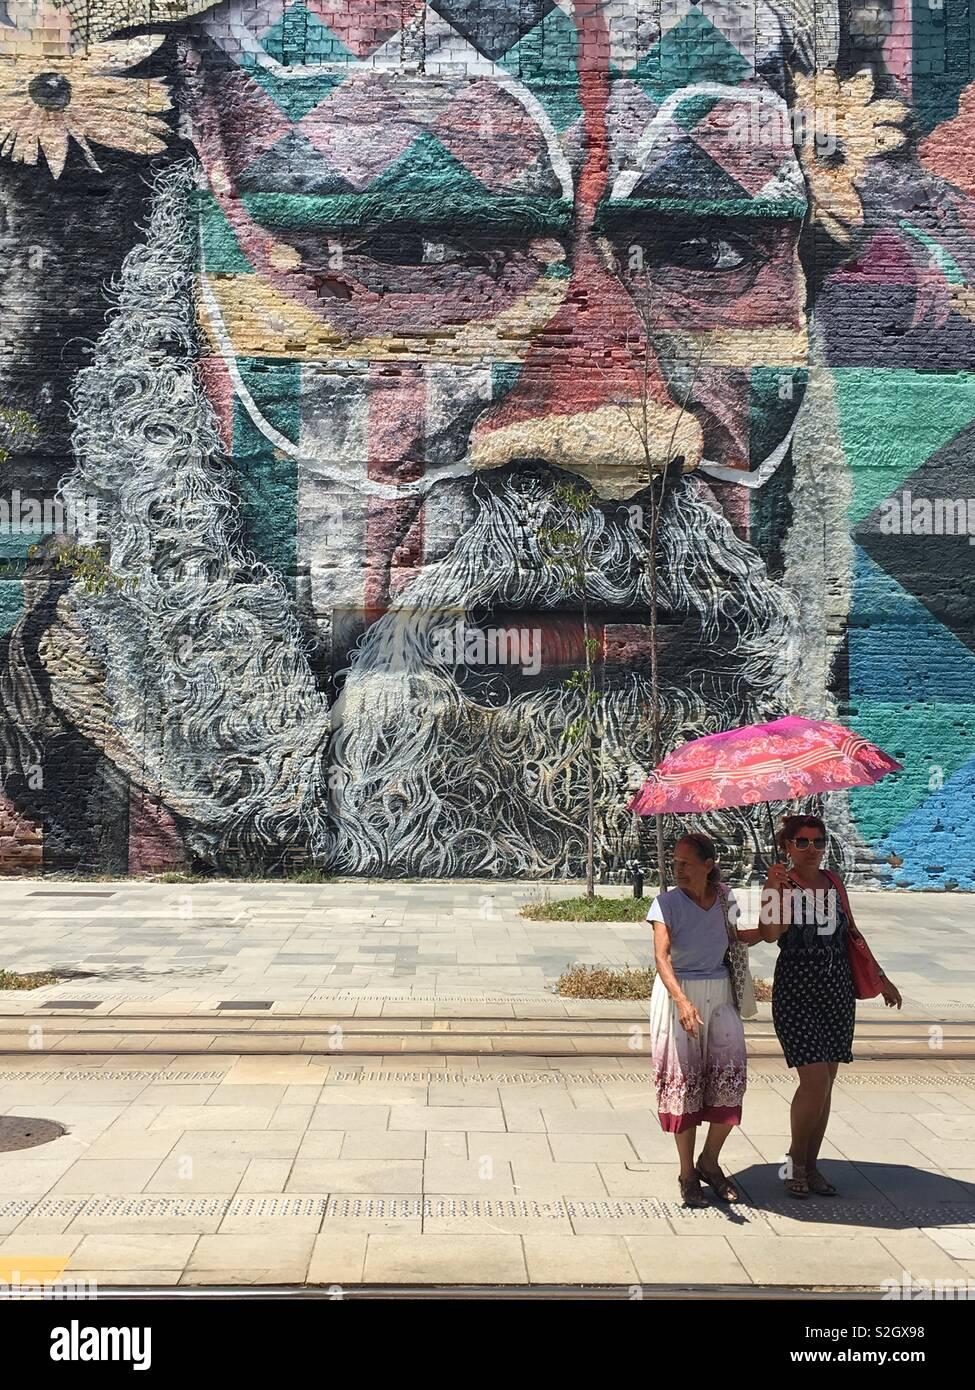 Strada più grande arte murale nel mondo di Rio. Foto Stock